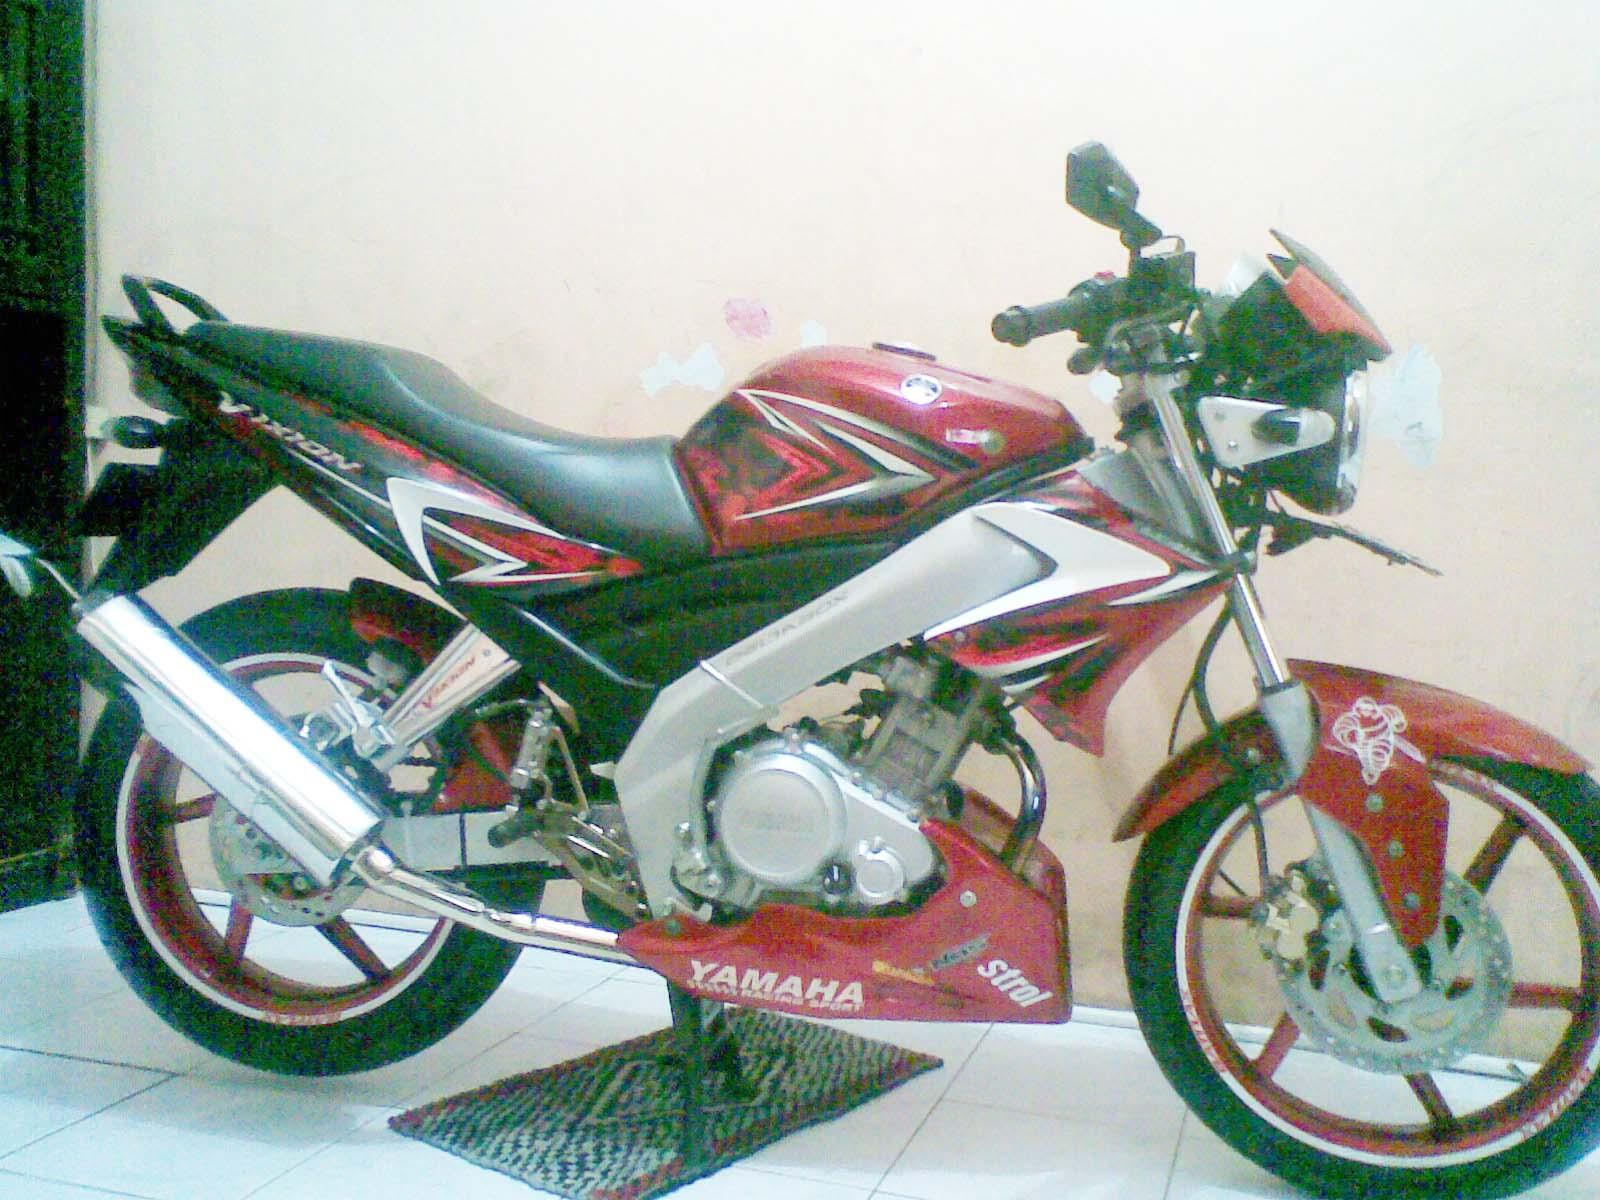 103 Modifikasi Vixion 2010 Merah